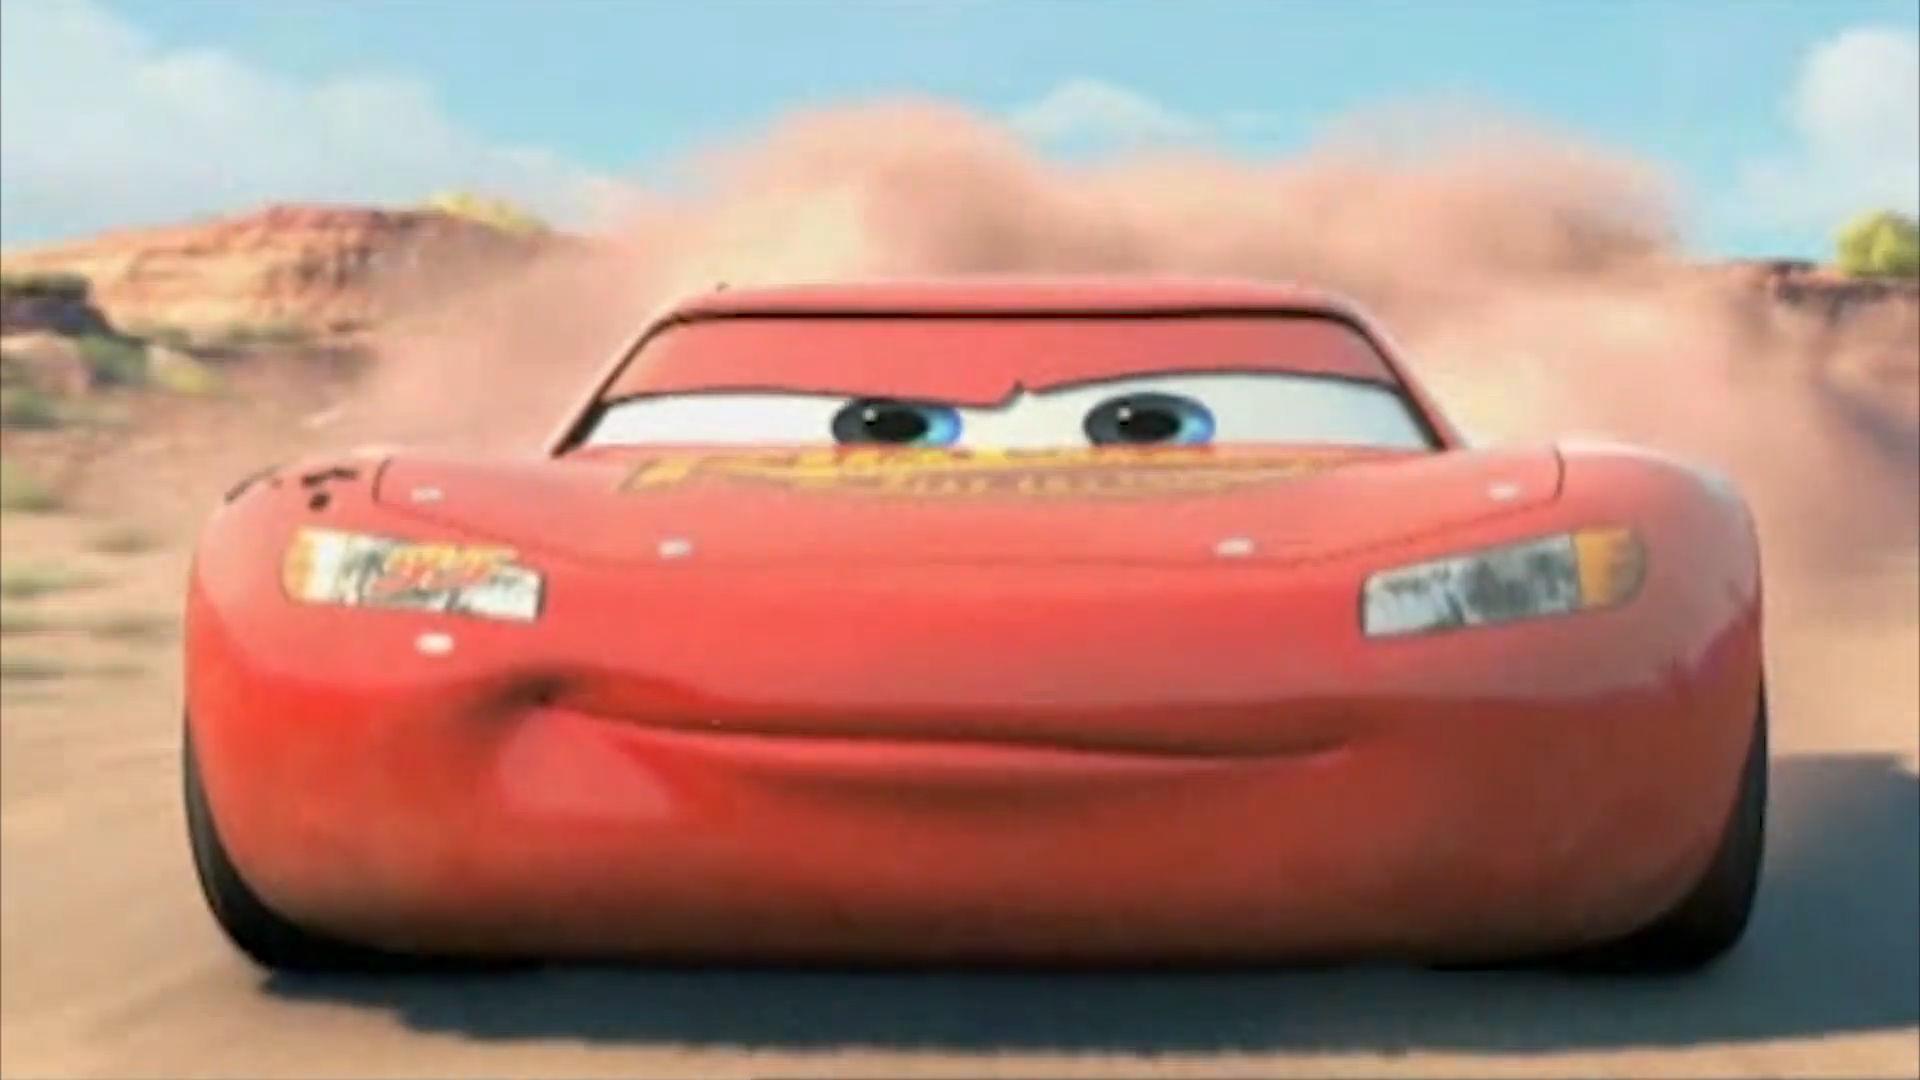 The Race - Cars